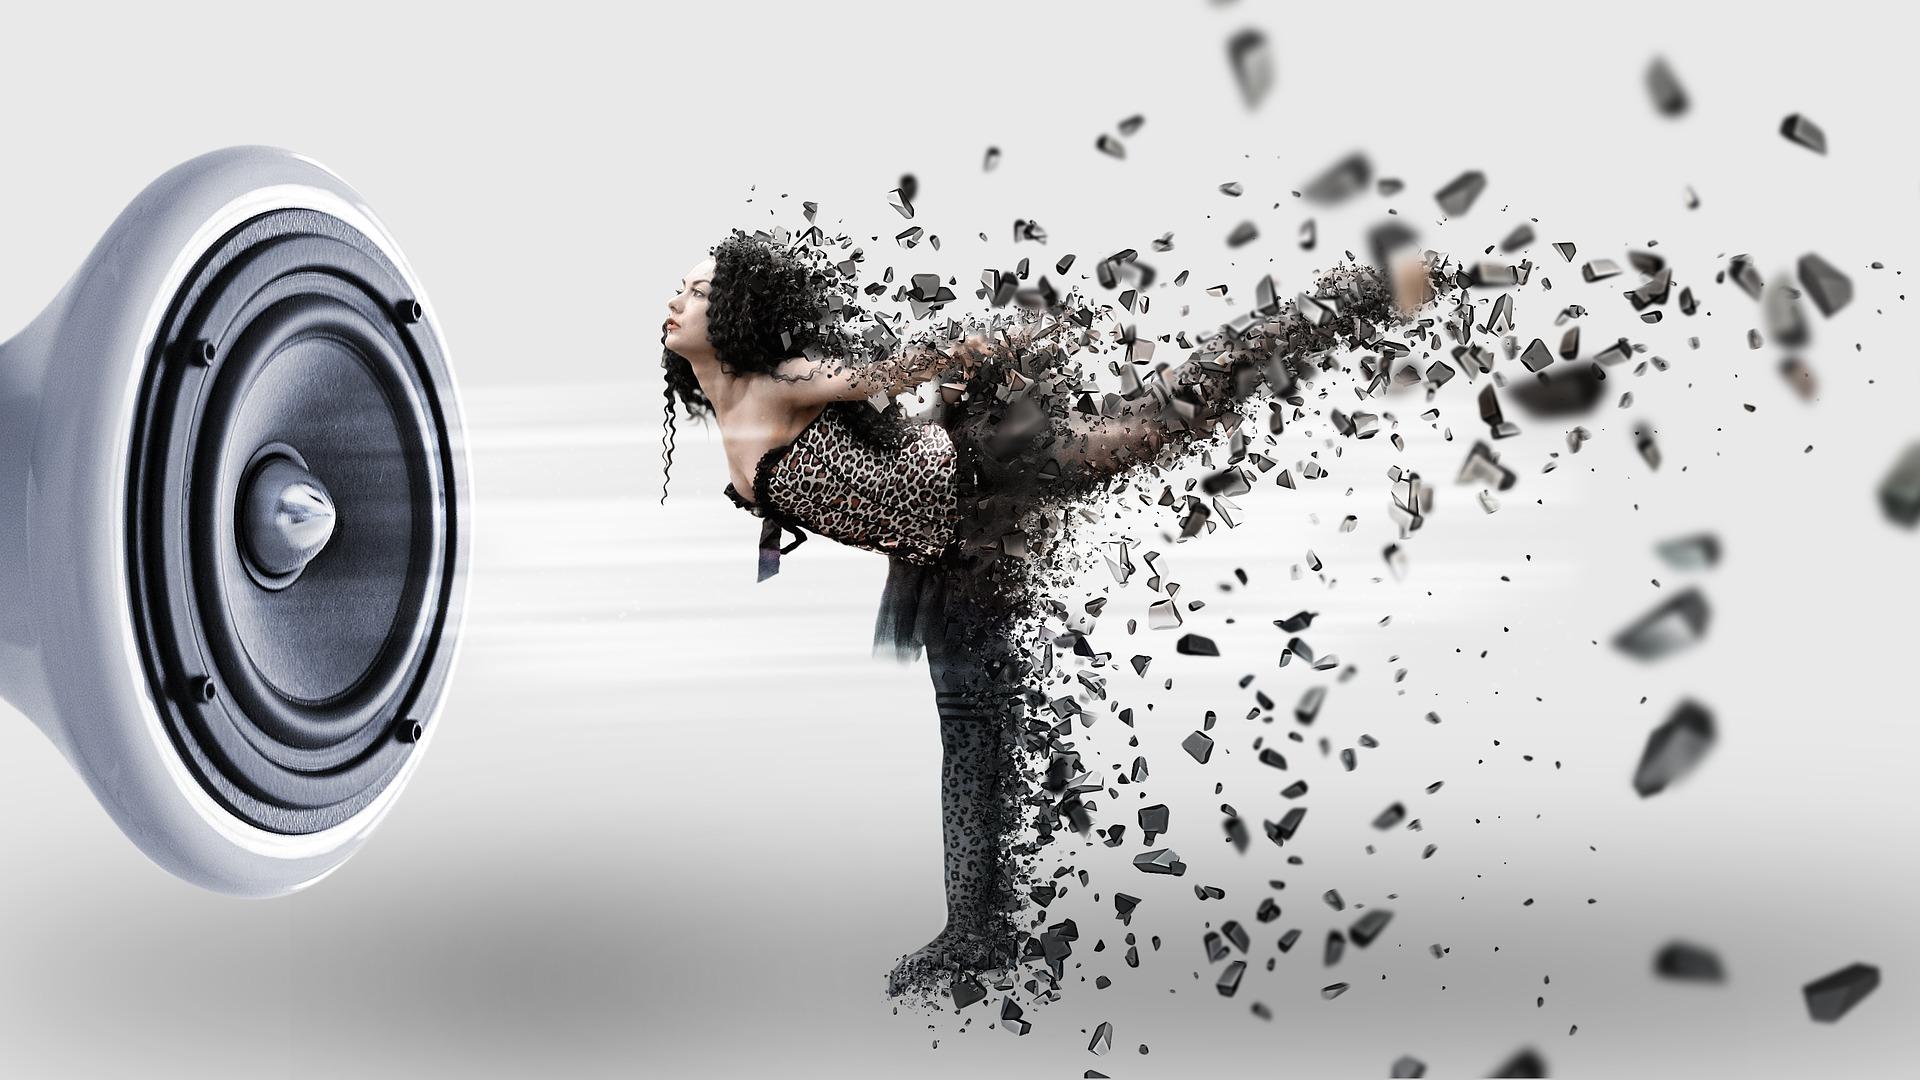 Balé, Música e Neurociência | Como a música afeta nossa percepção na dança?